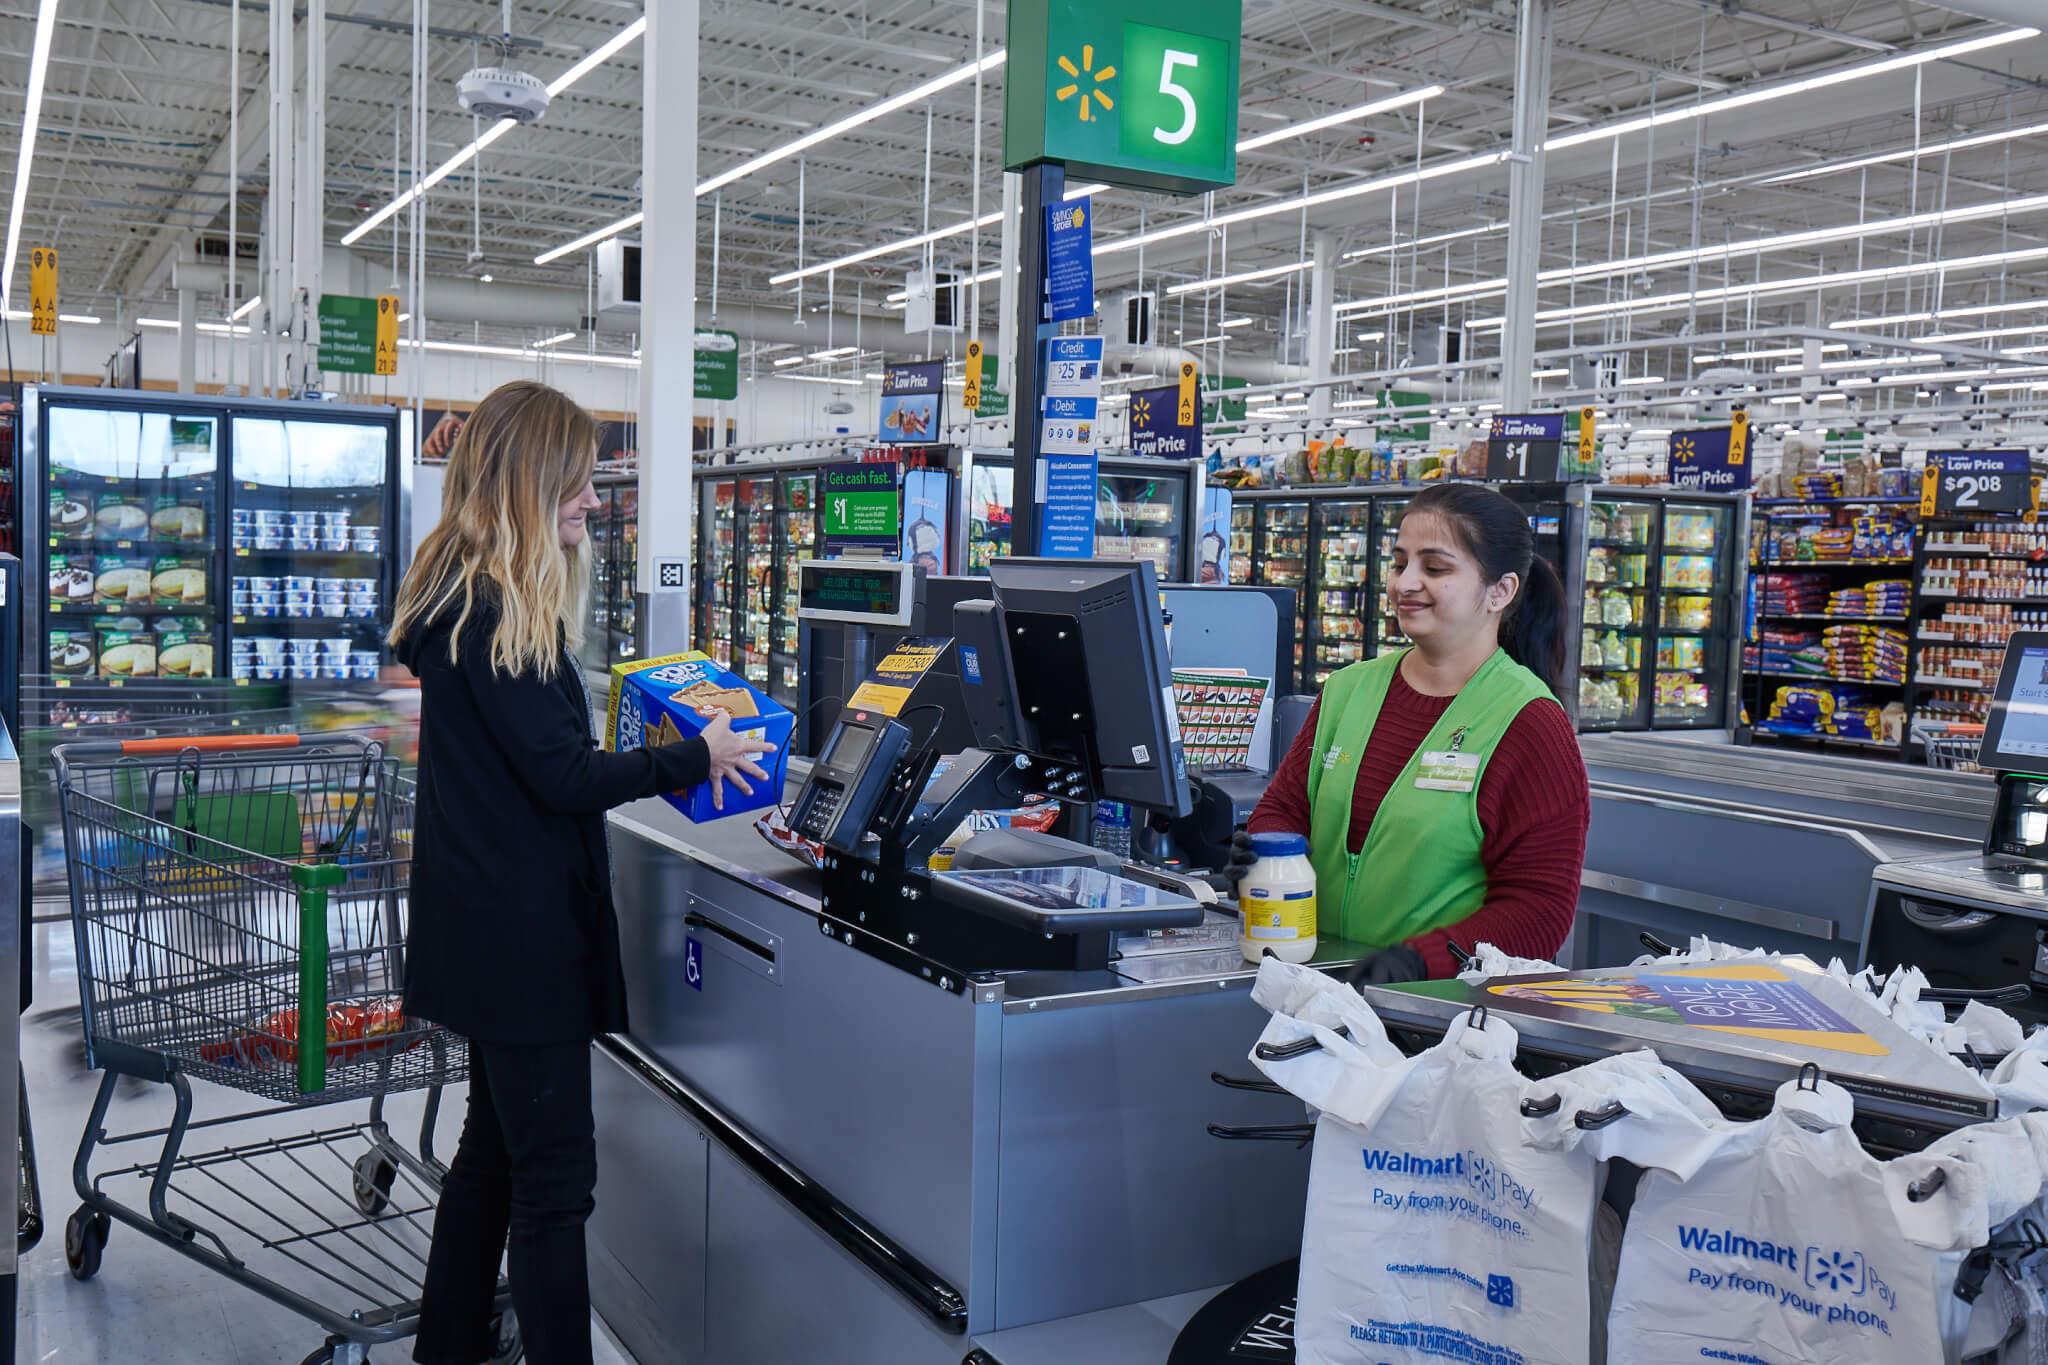 Customer at Walmart IRL checkout counter